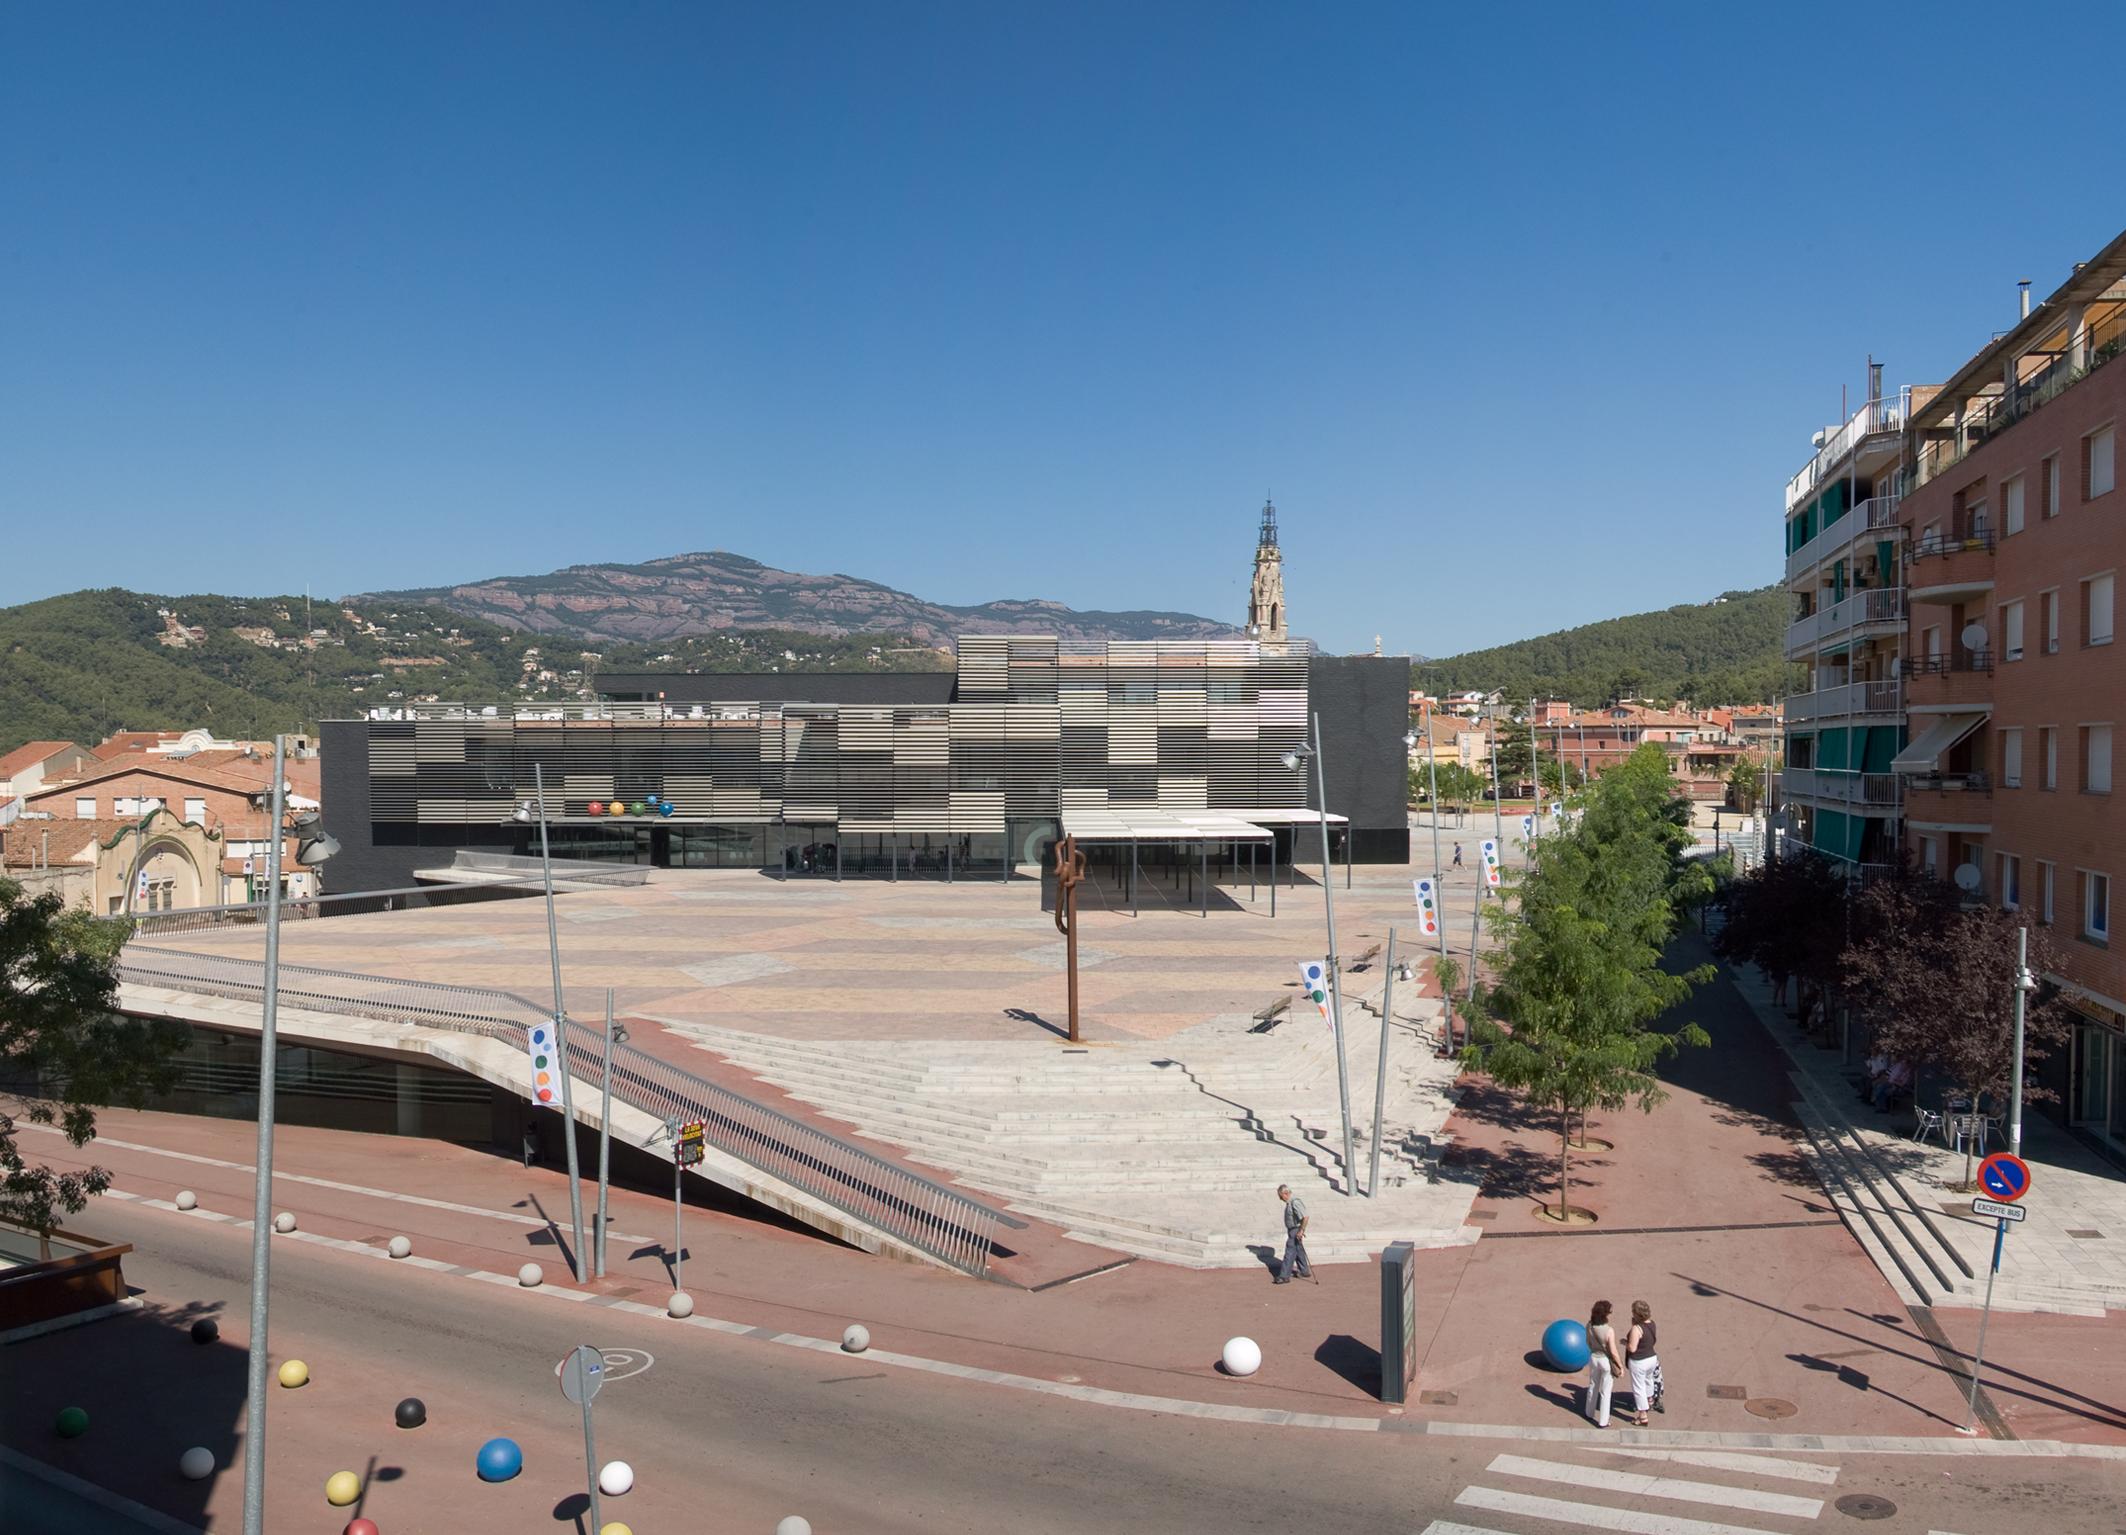 Mostres arquitectura vall s - Tiempo castellar del valles ...